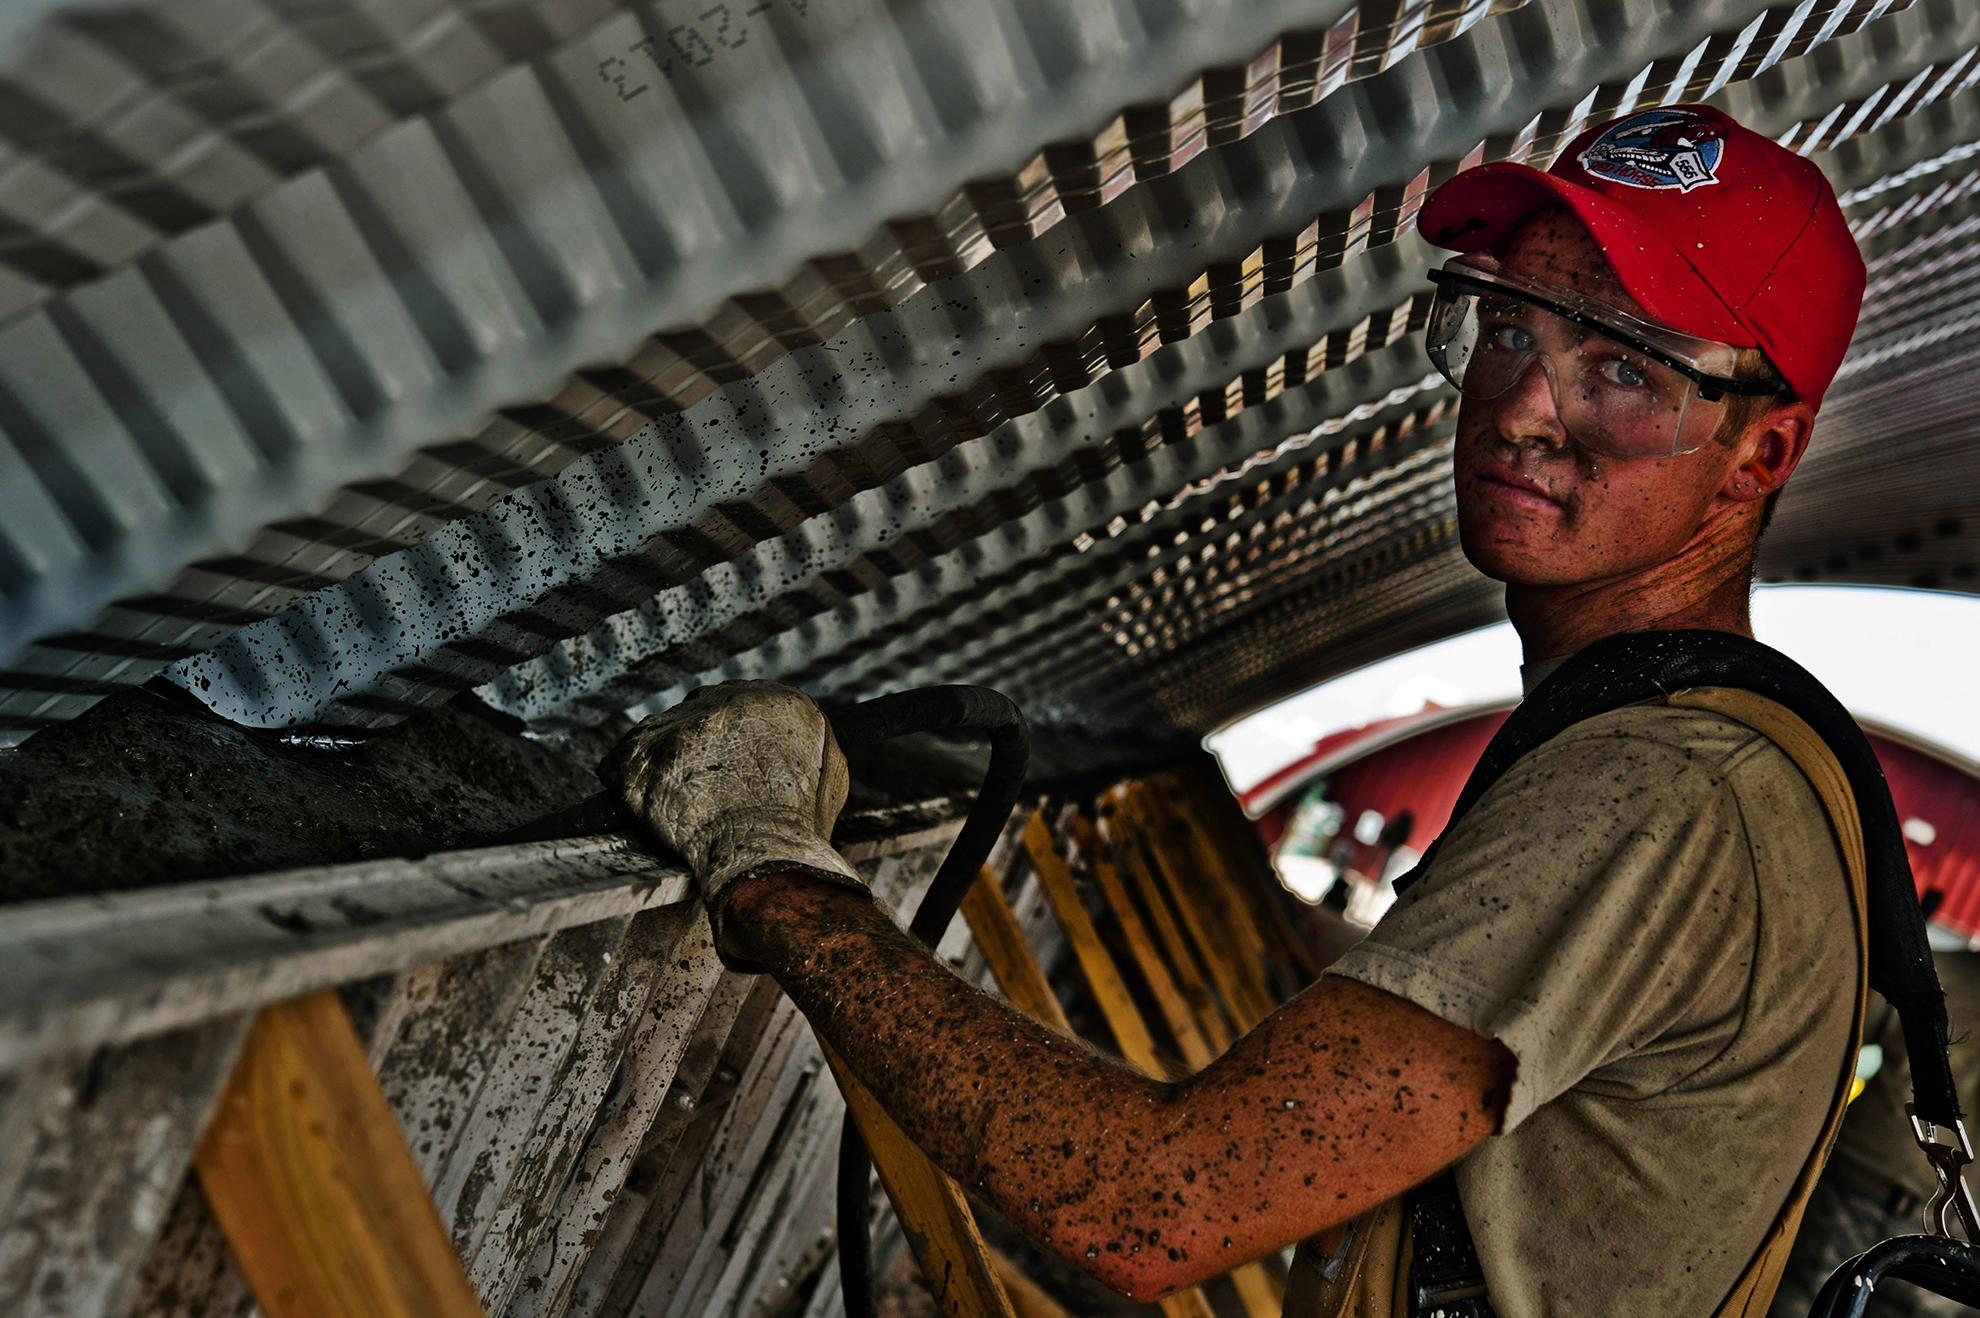 Field service worker